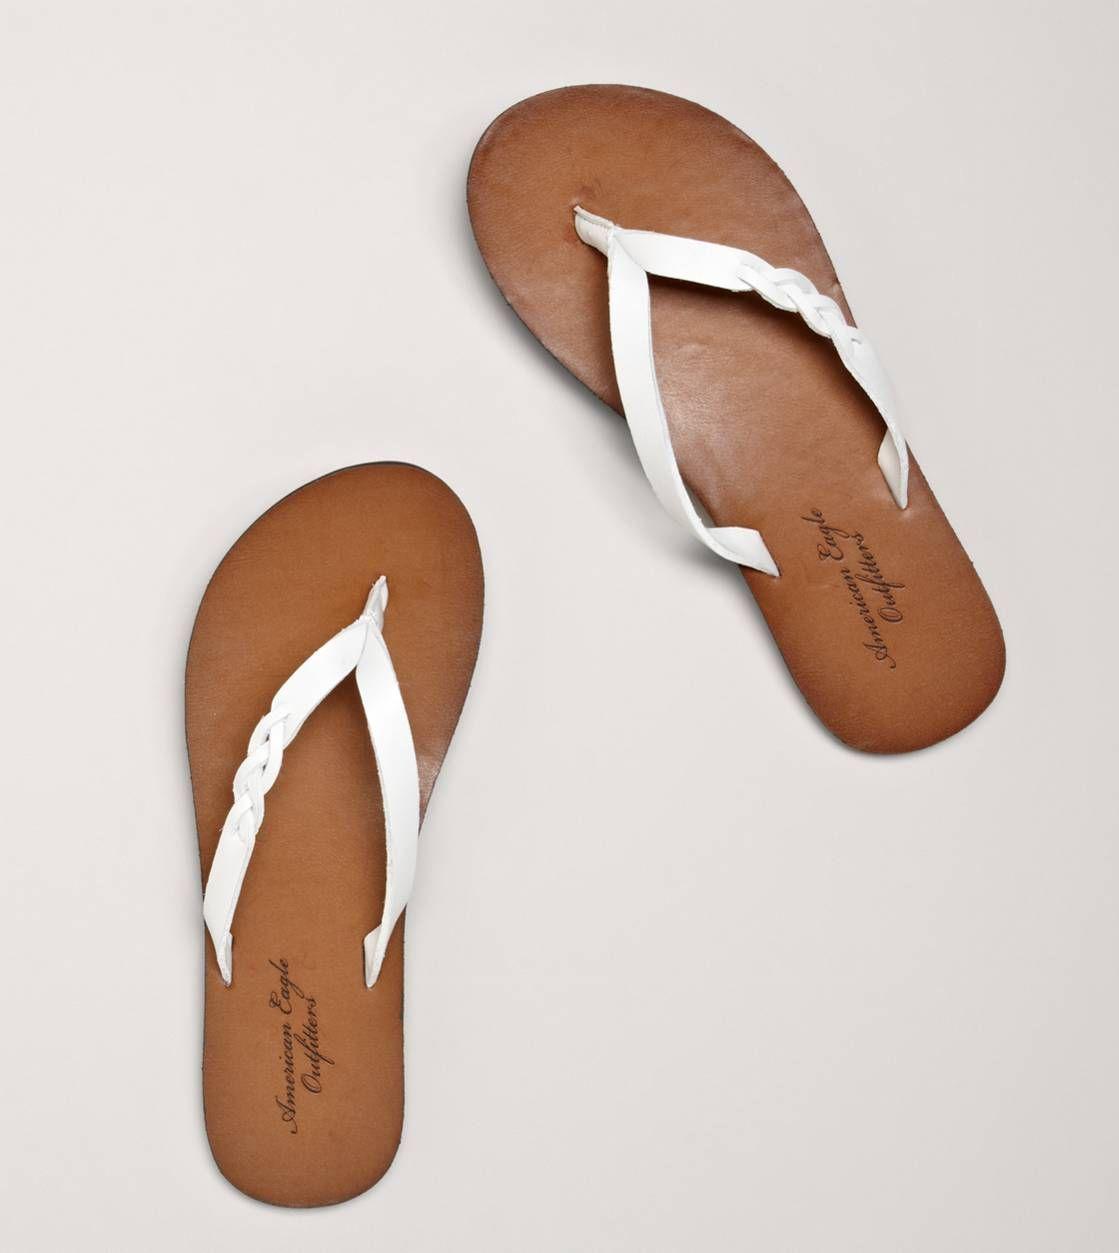 ad7c0e4dc3e Pretty!  24.95 White Leather Shoes